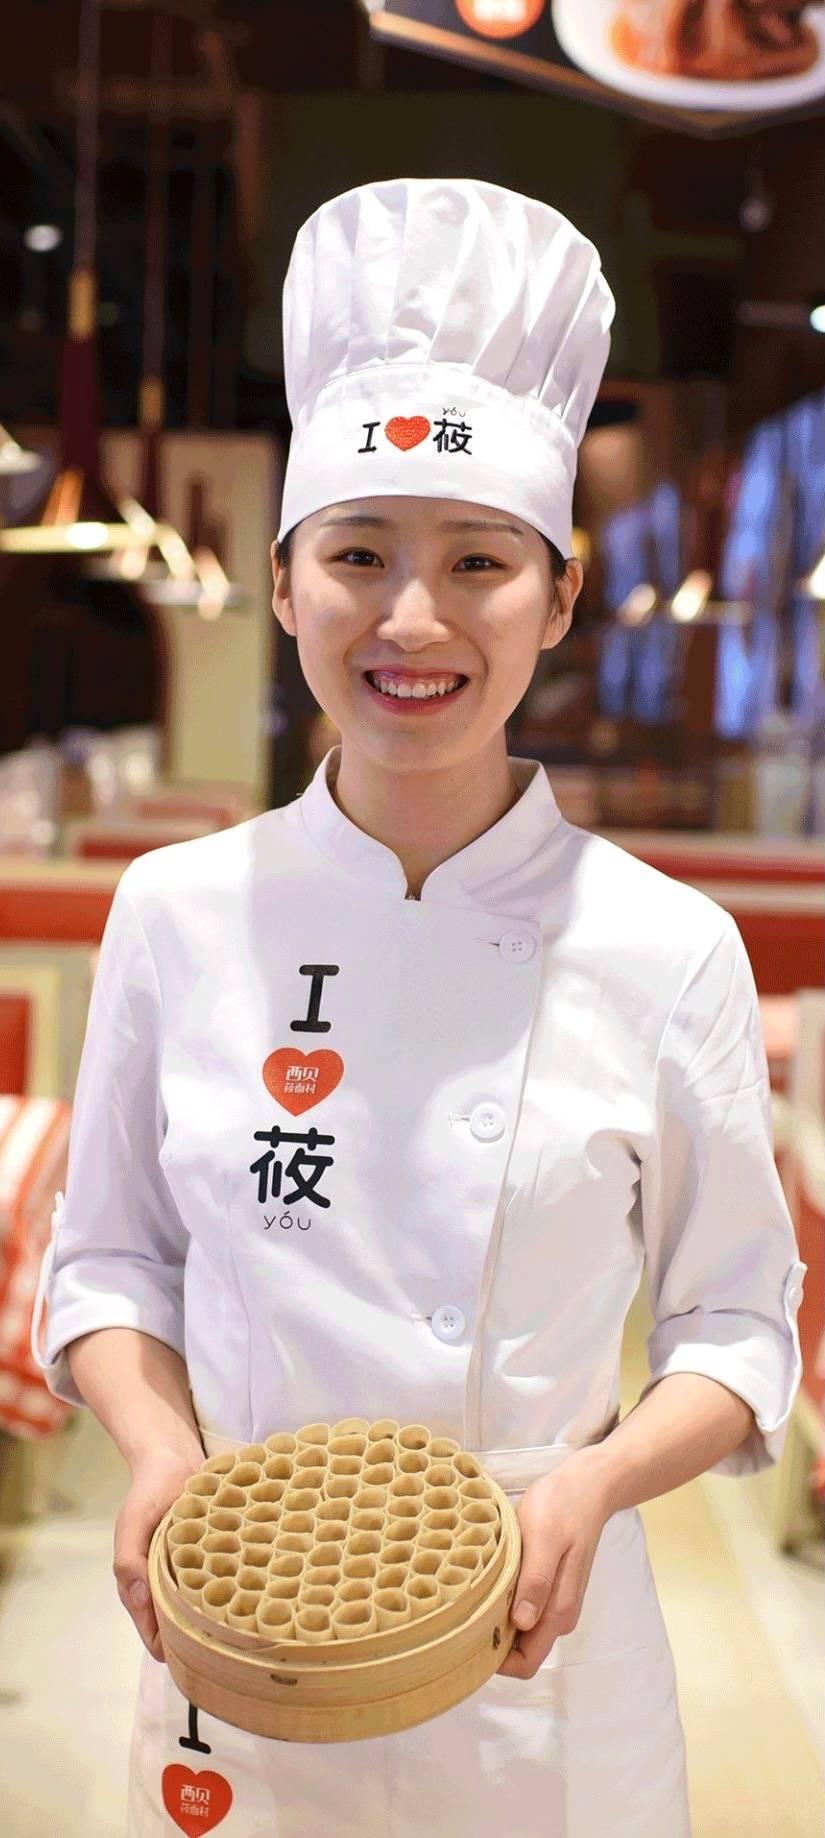 As massas de farinha de aveia, nomeada aveia crua, é o grande diferencial do restaurante, como os ingredientes regionais de altíssima  qualidade.